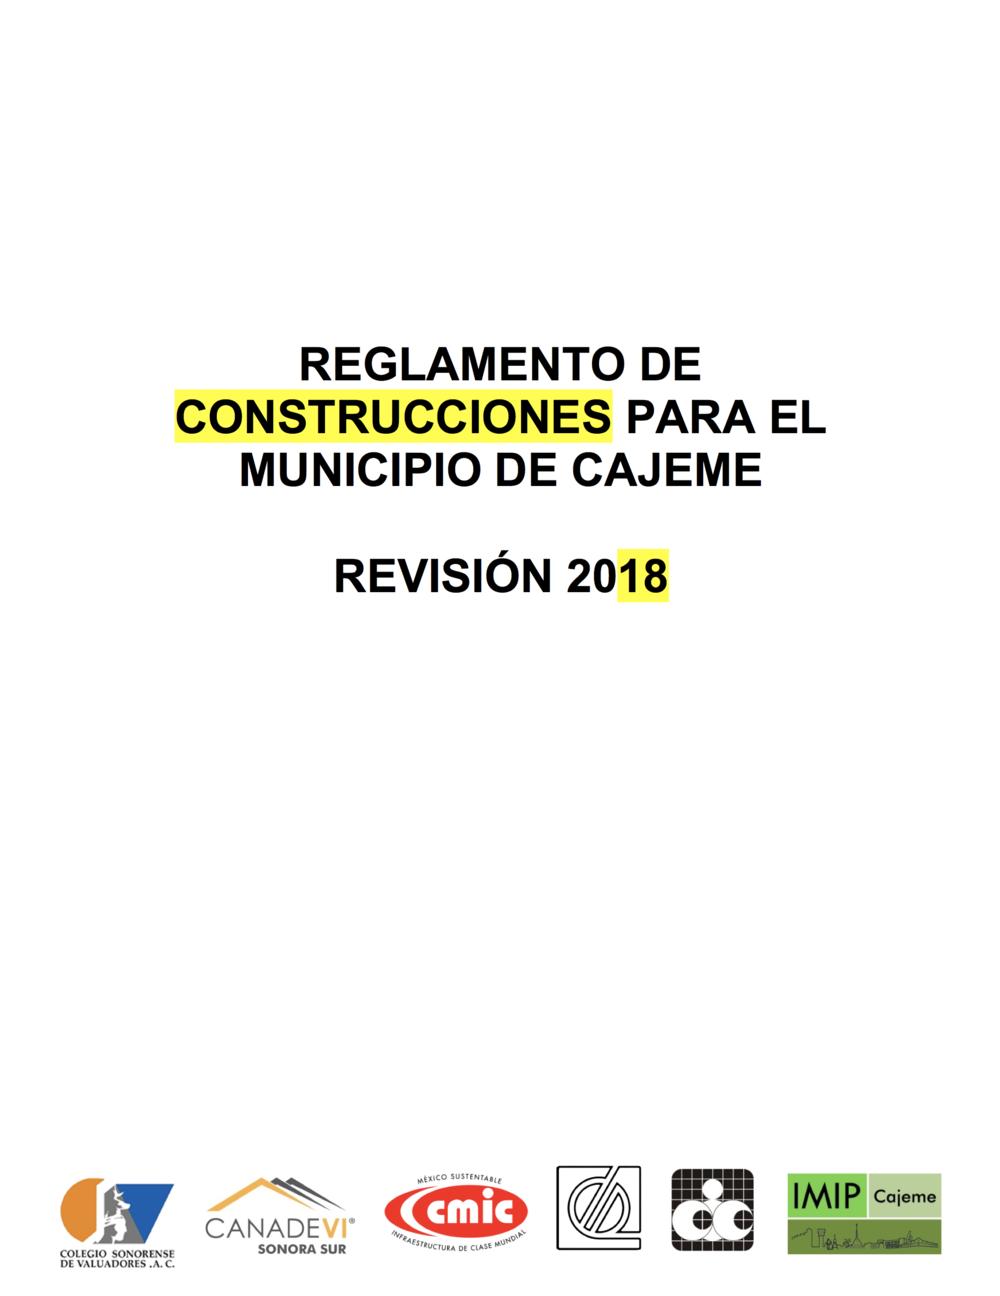 2018 Reglamento de construcciones cajeme